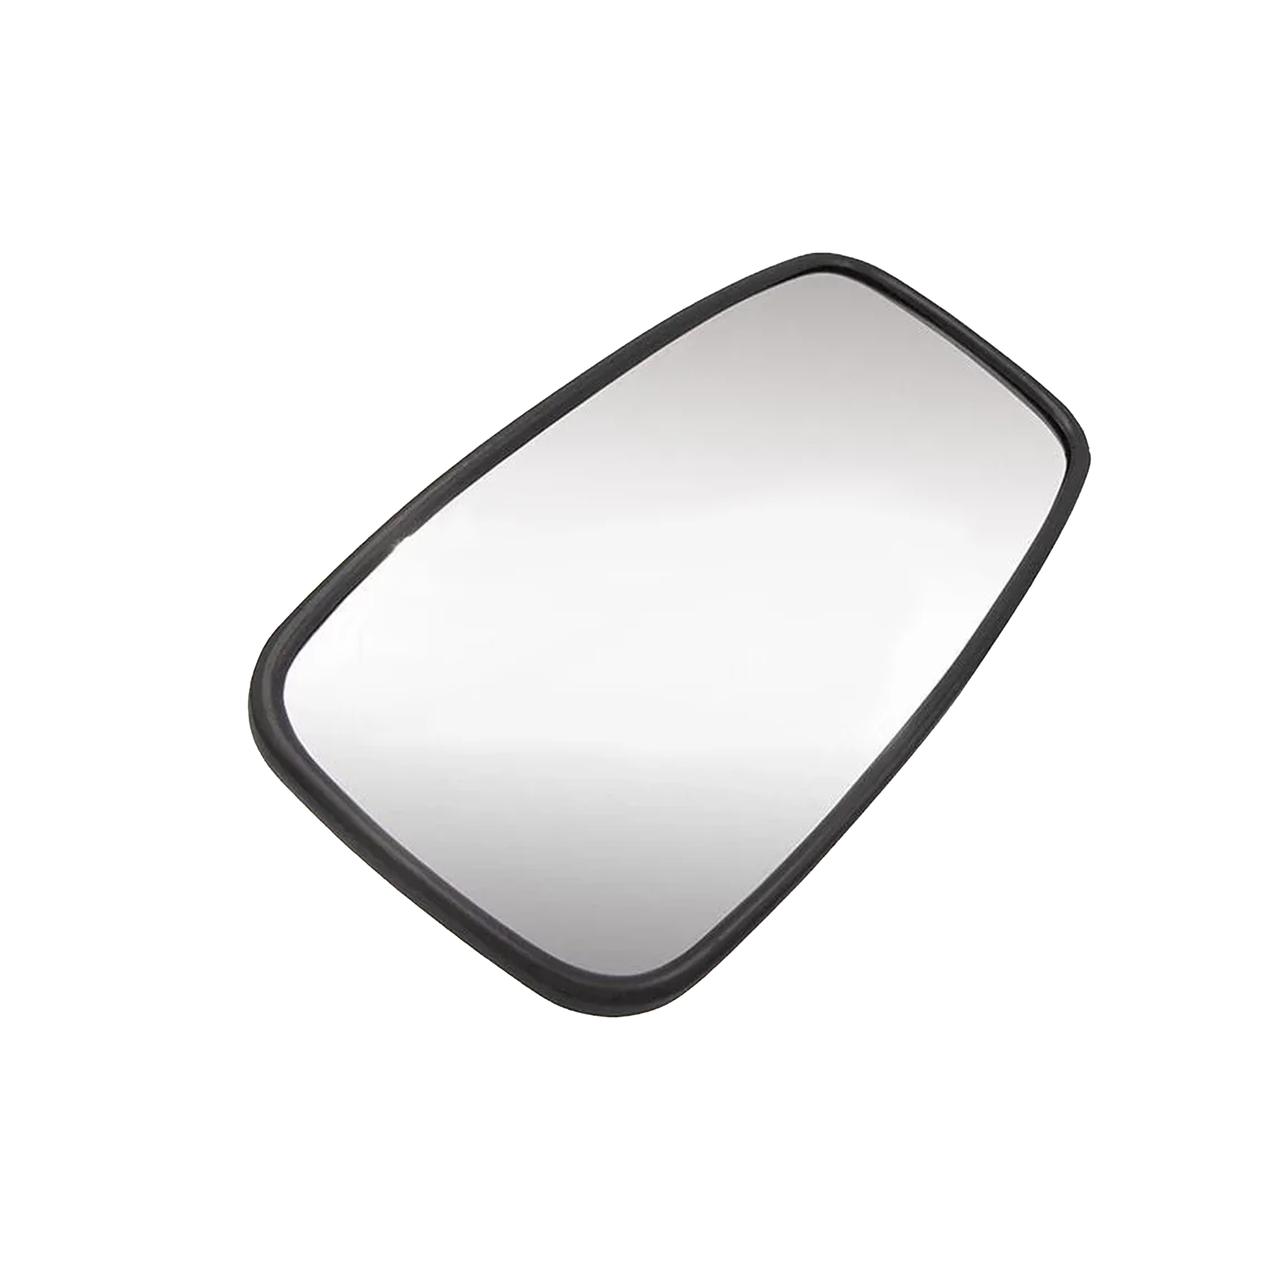 Дзеркало заднього виду основне з підігрівом VOLVO F10 - F12 (400 POWER)